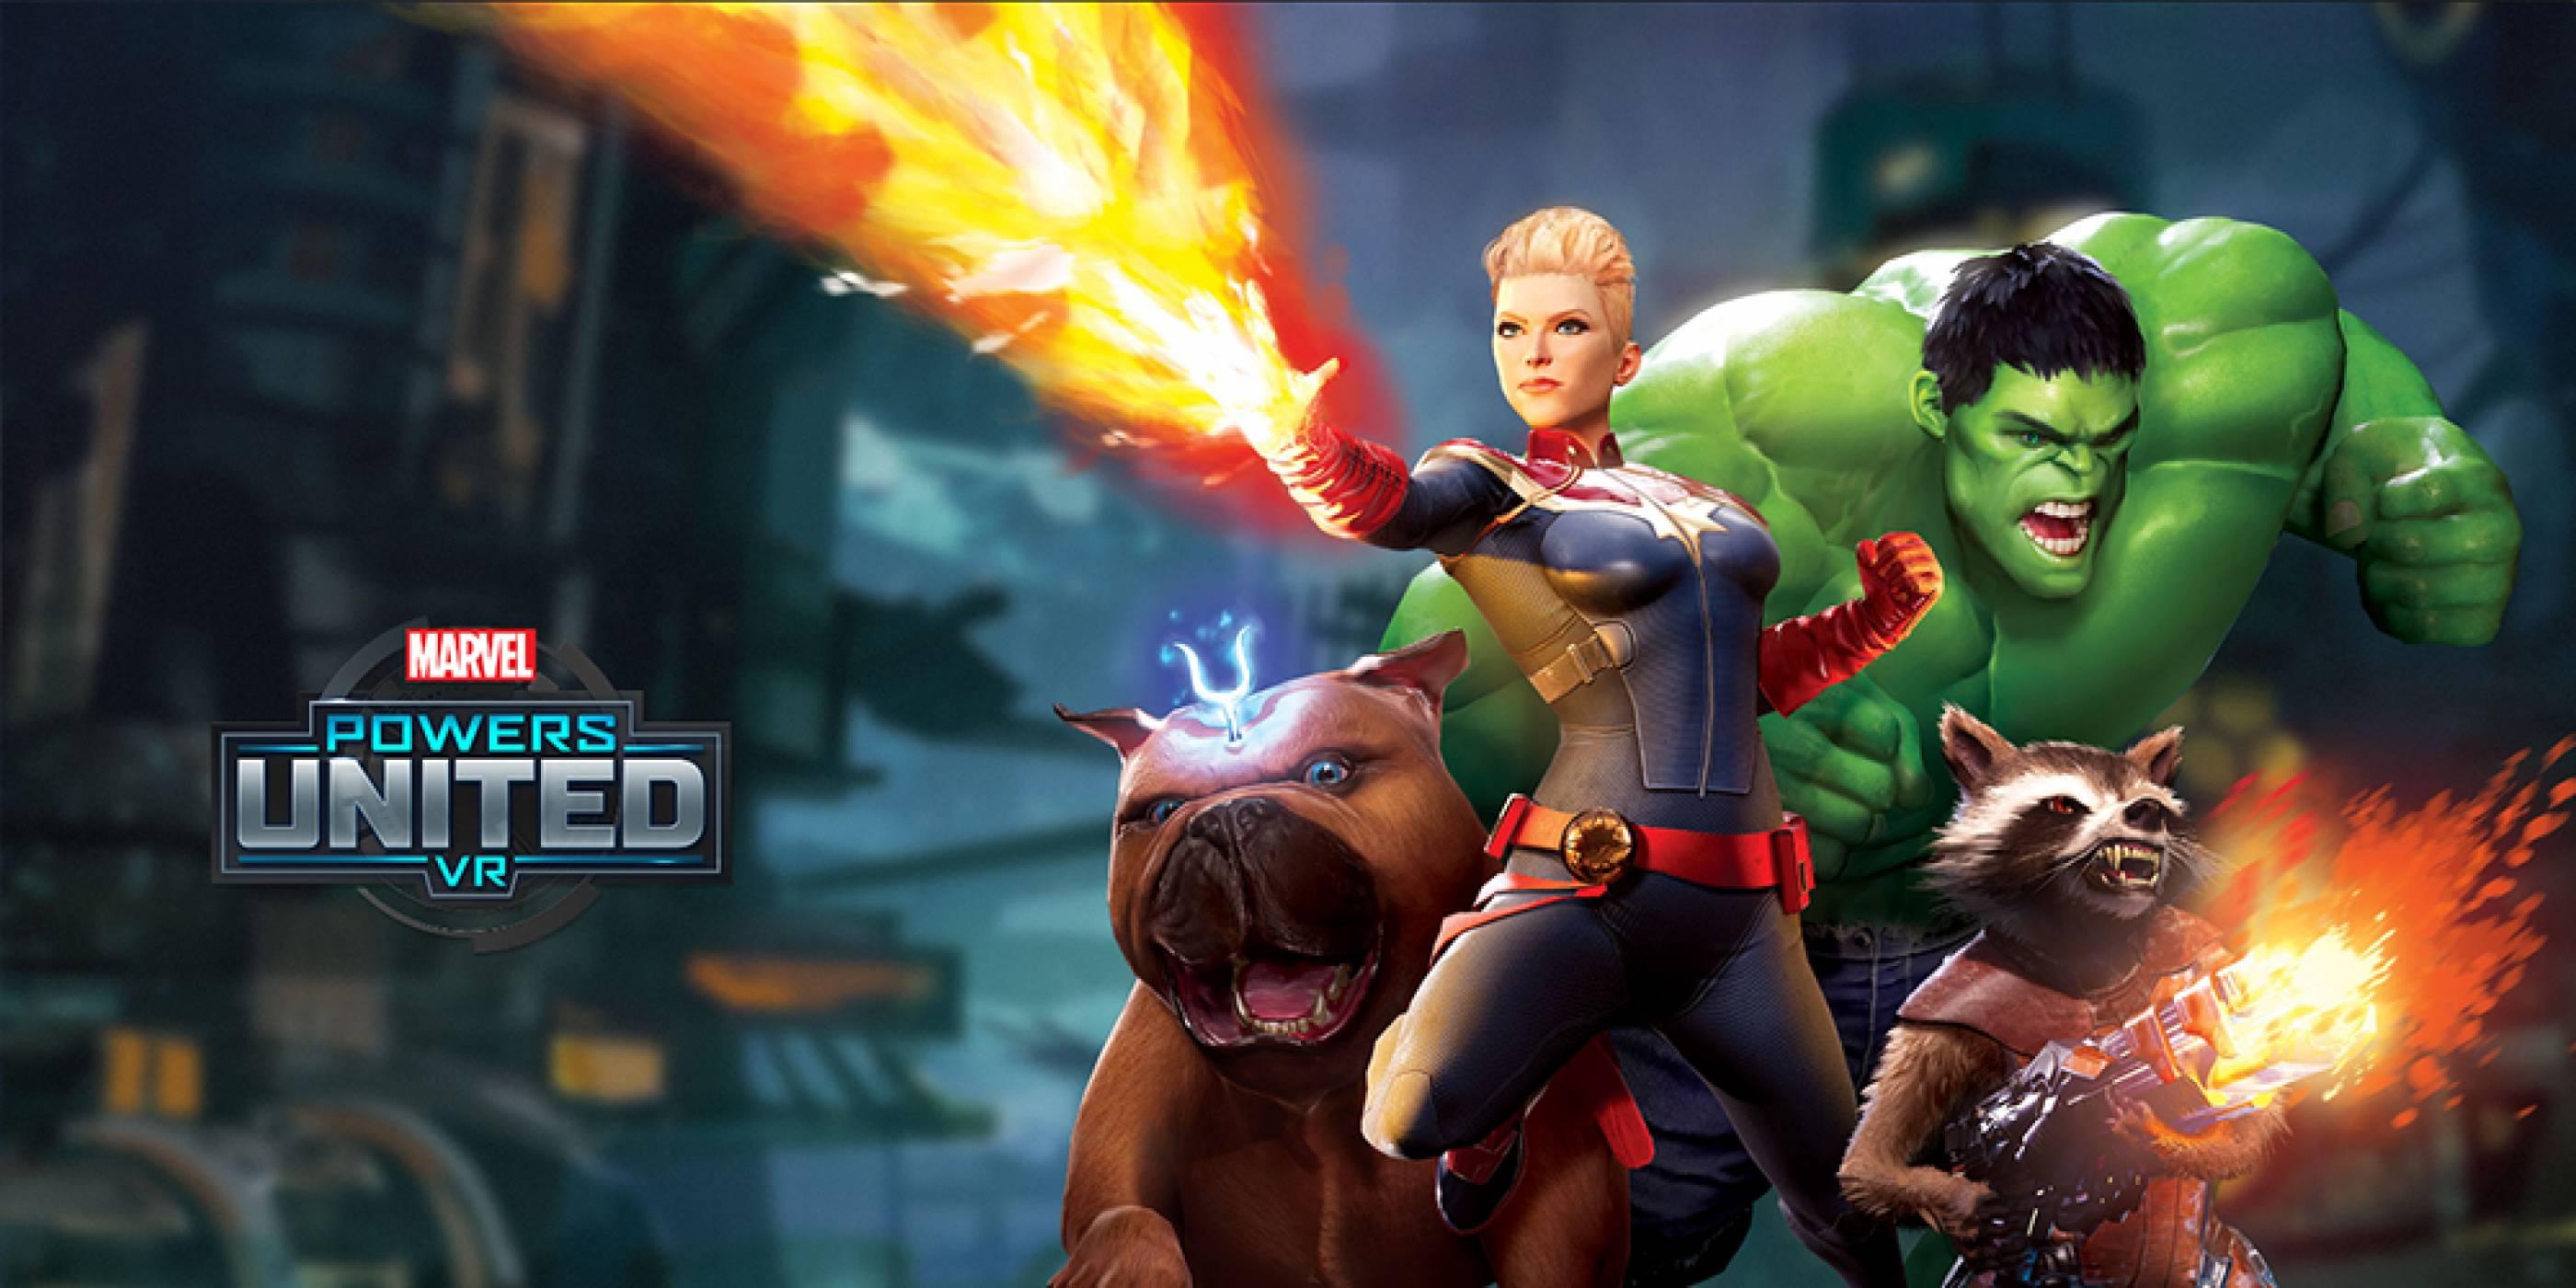 Powers United VR е игра, в която ще можете да влезете в ролята на героите от Marvel вселената